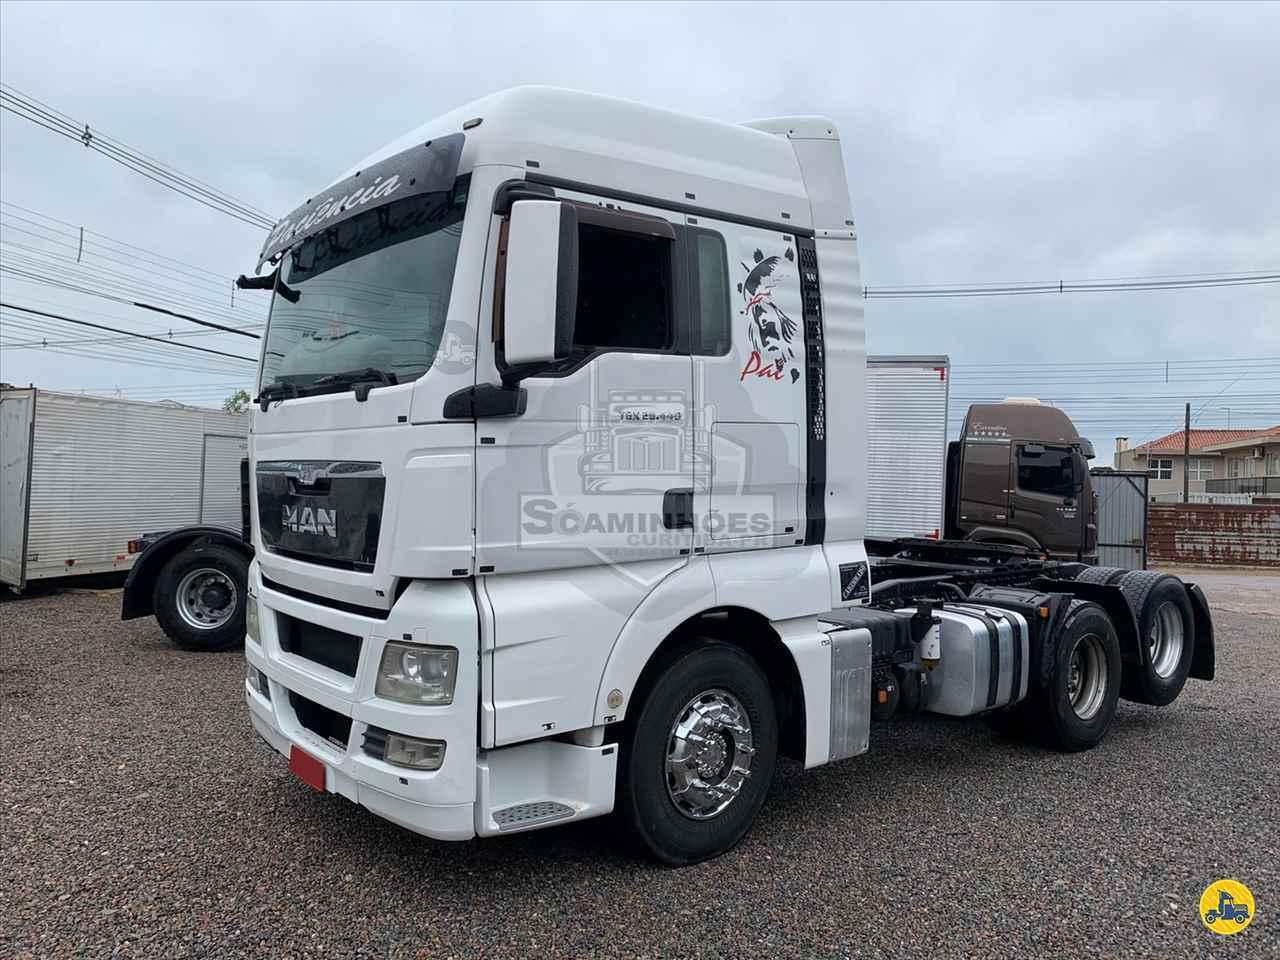 CAMINHAO MAN TGX 28 440 Cavalo Mecânico Truck 6x2 Só Caminhões Curitiba CURITIBA PARANÁ PR